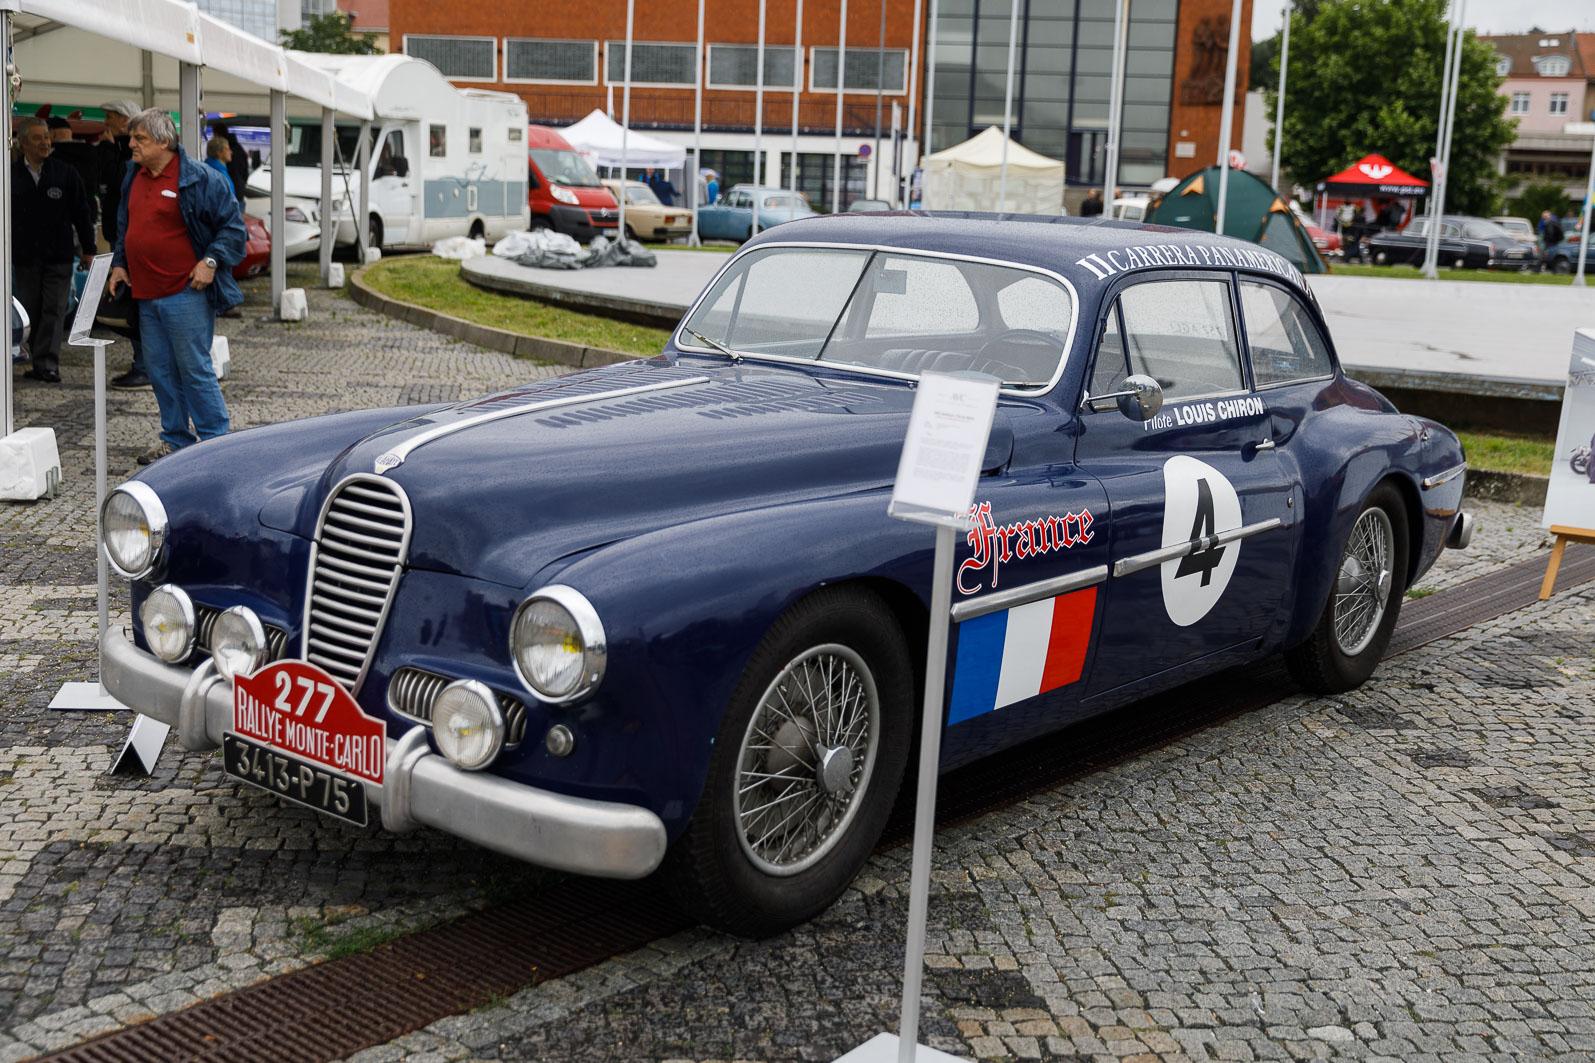 Na Revival Brno 2020 sa predviedol Talbot, ktorý zbiera svetové ocenenia O7sSfZy11t 2-delahaye-175-4